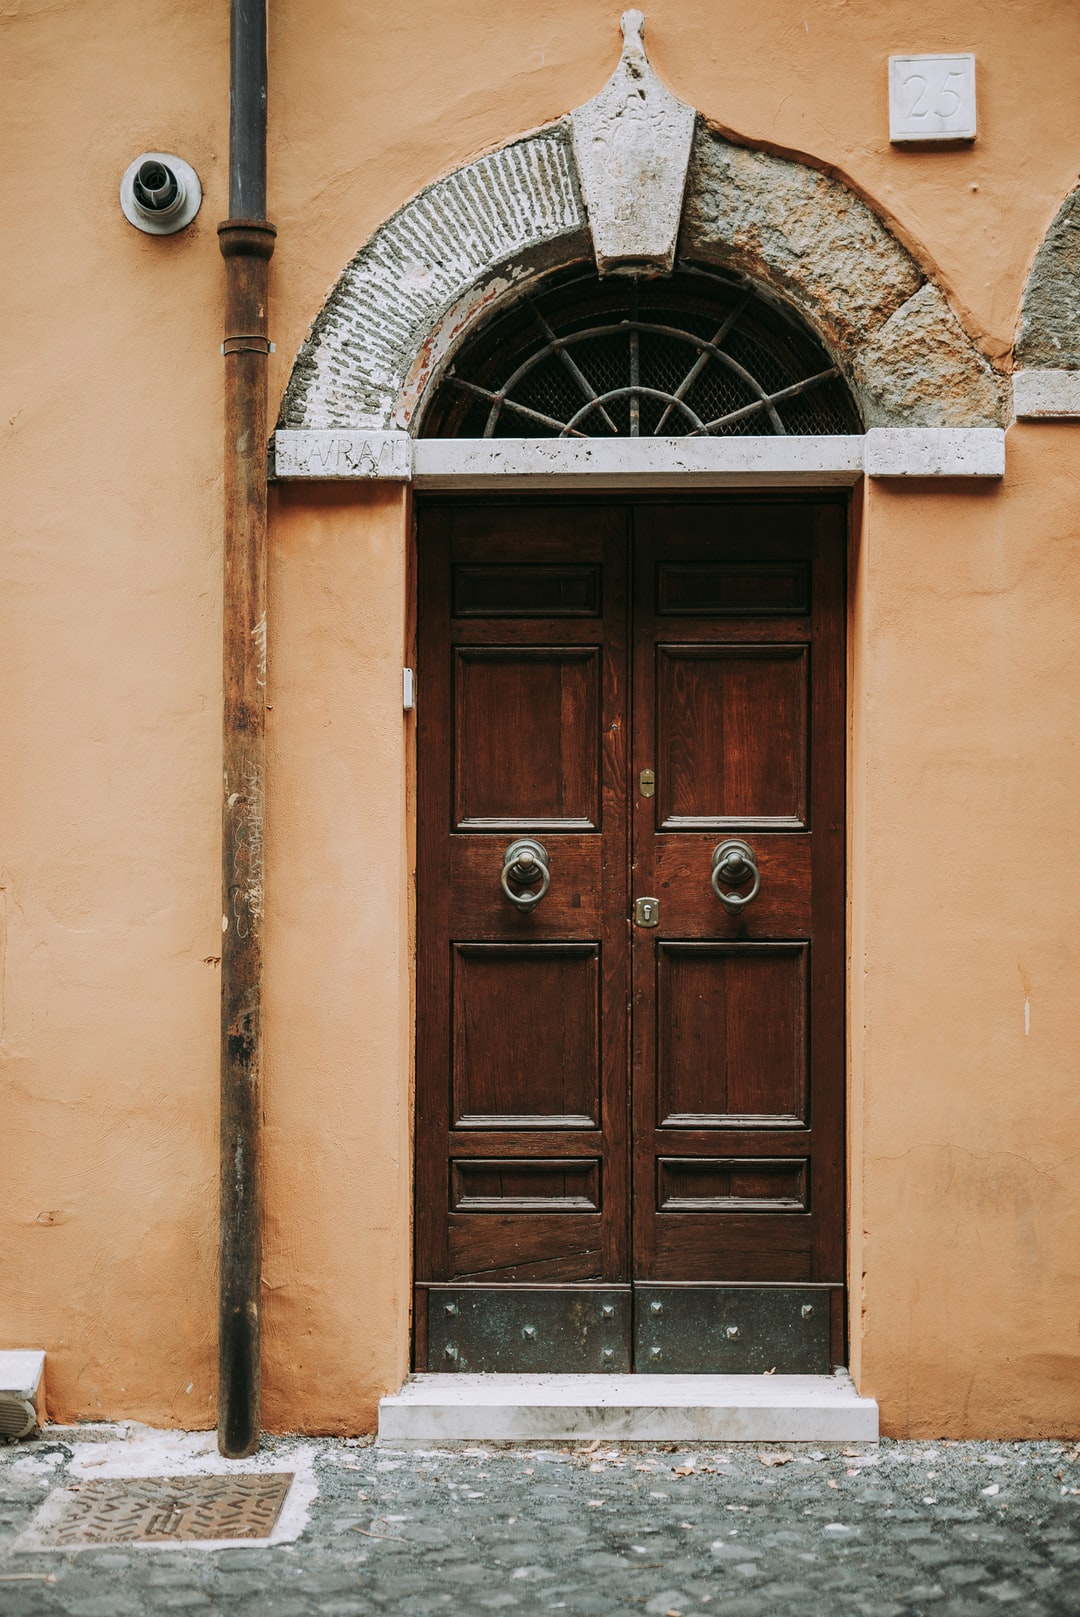 A door in Rome